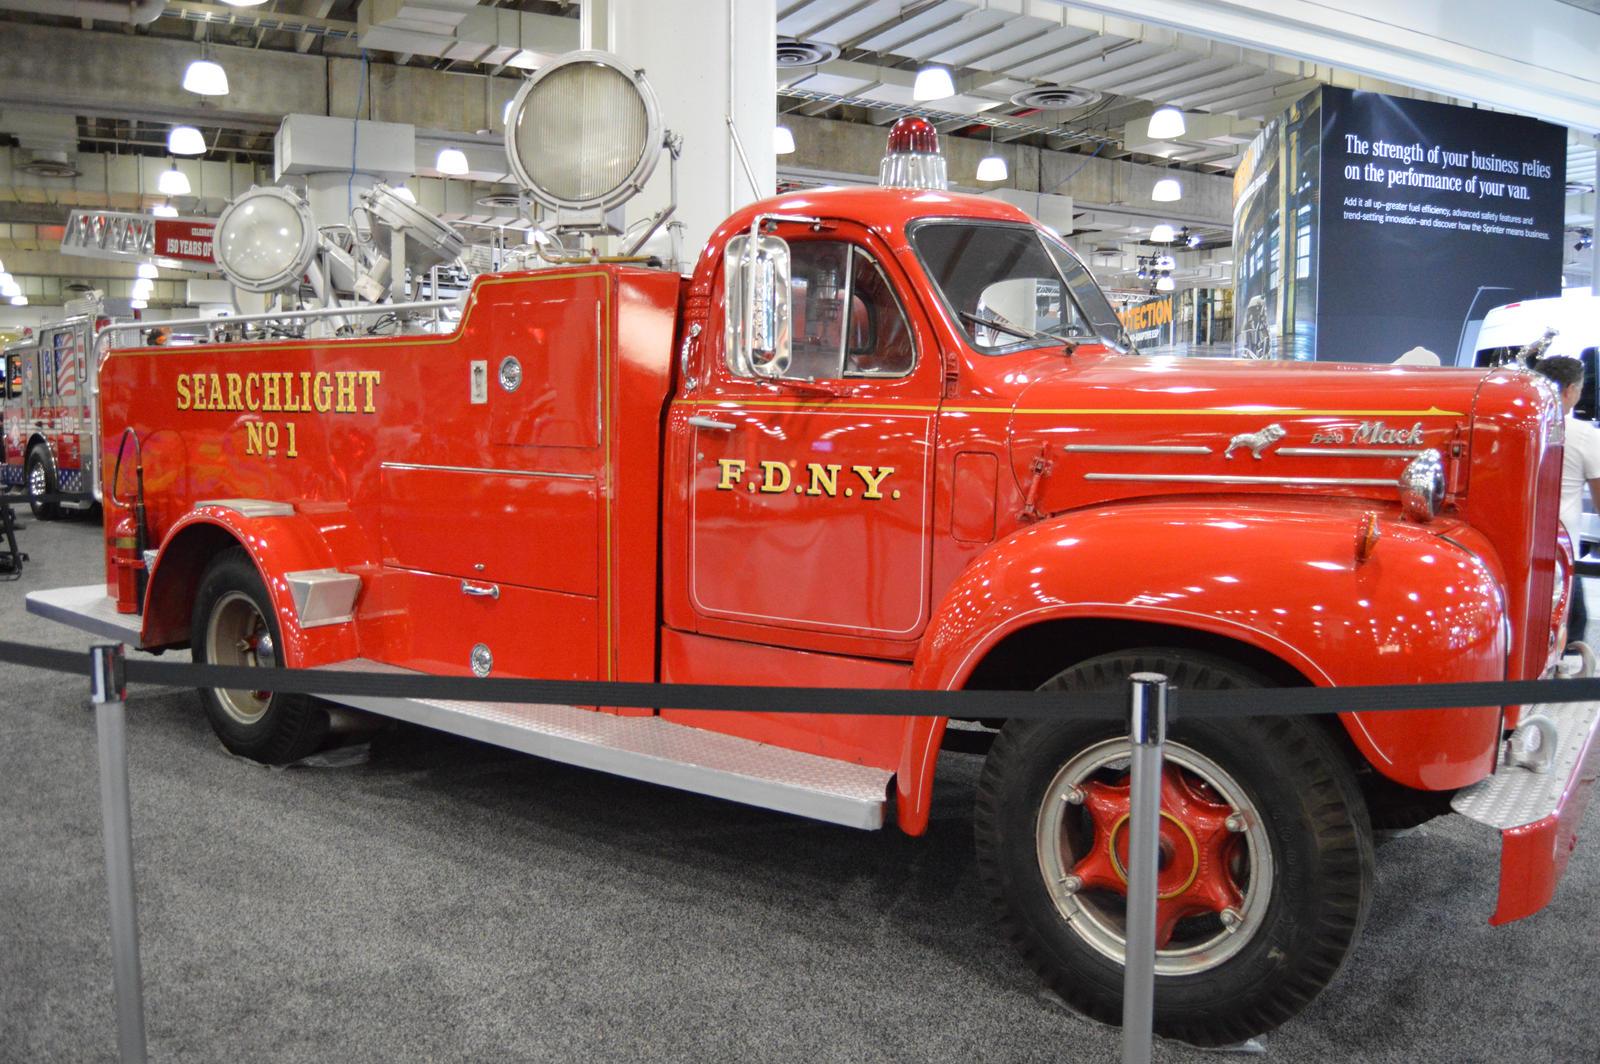 1950 To 1965 Mack Trucks : Mack b fdny searchlight truck ii by brooklyn on